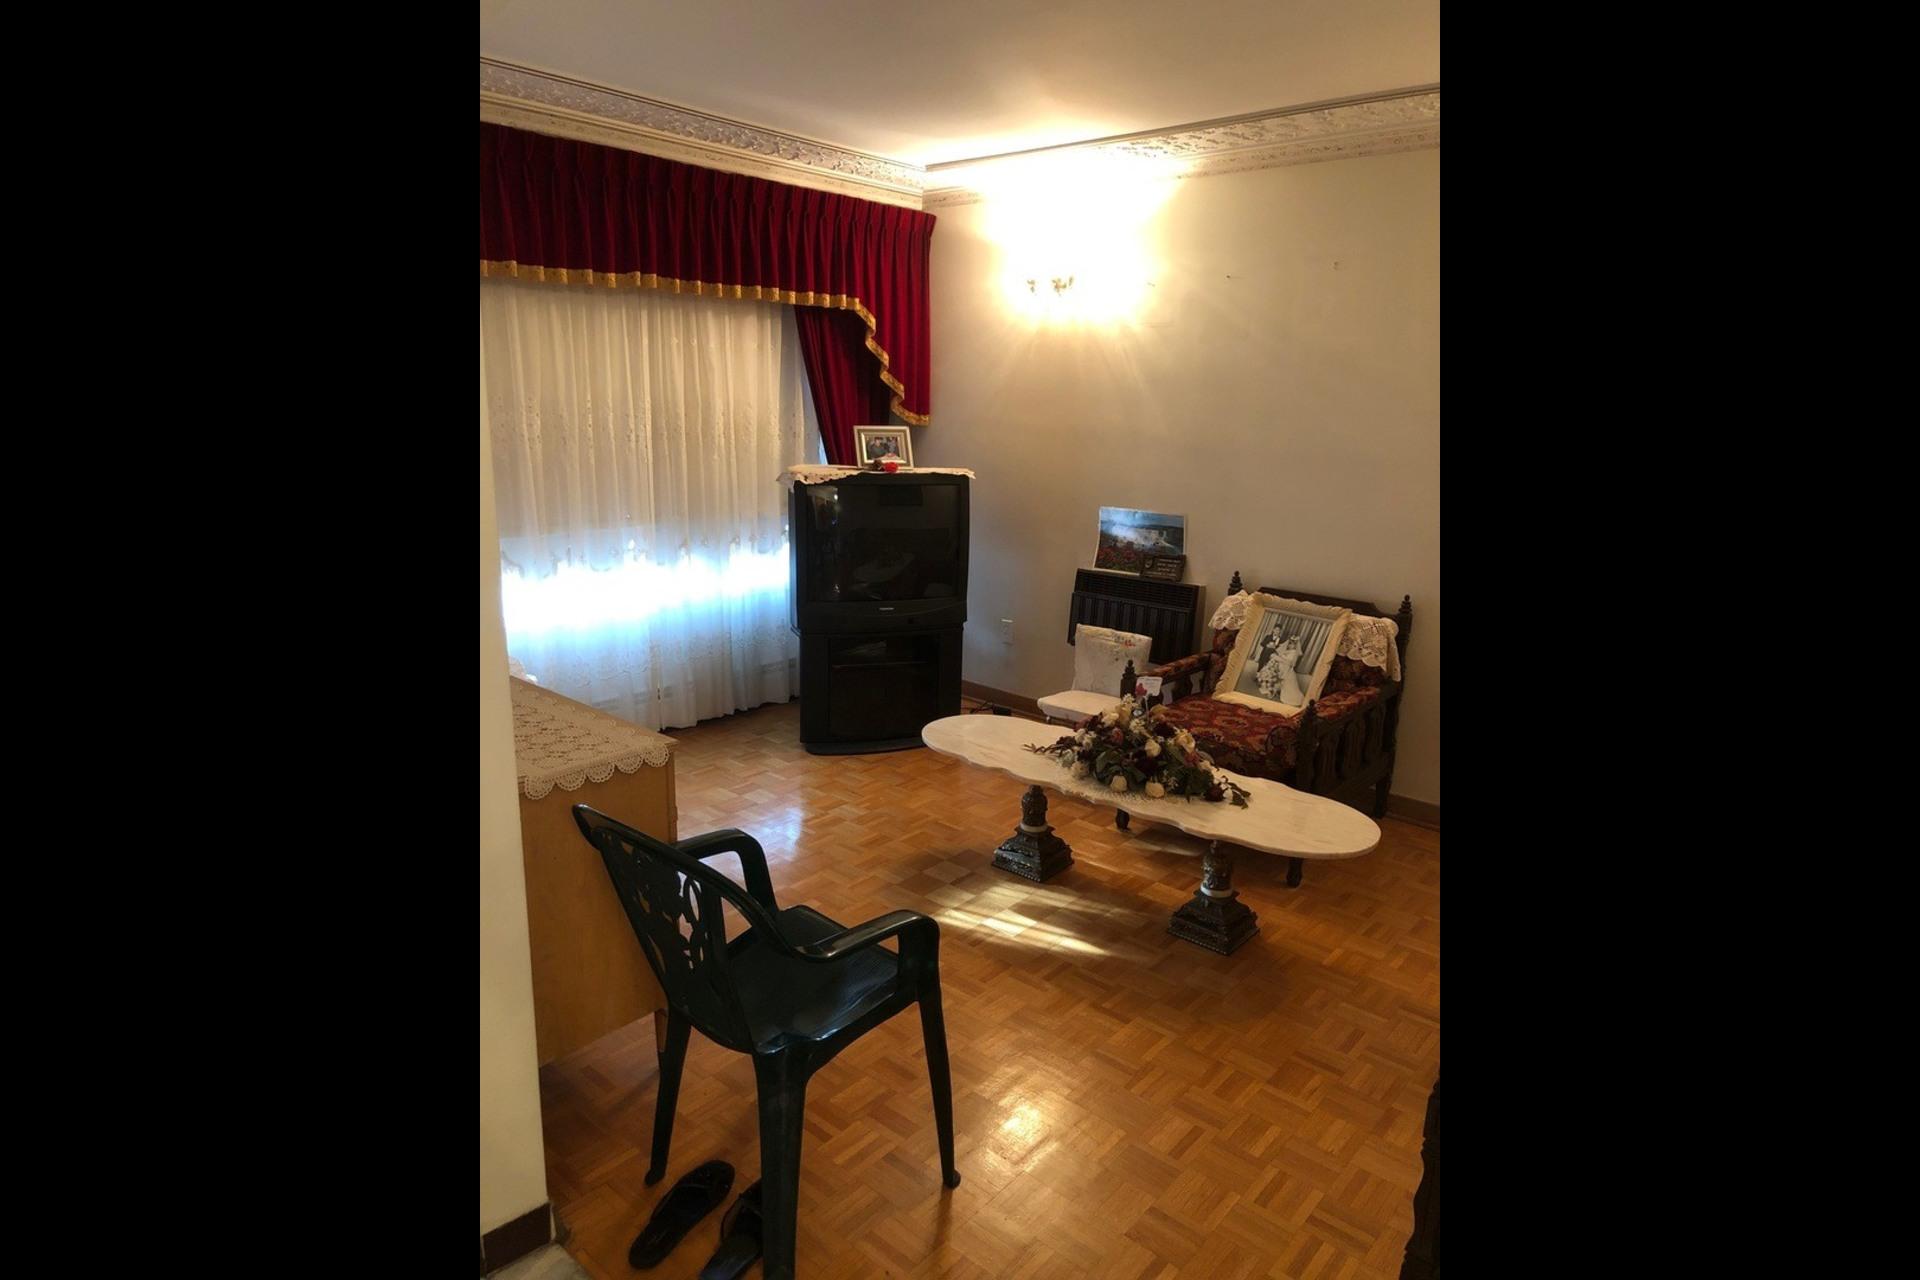 image 8 - Appartement À louer Montréal Saint-Michel - 5 pièces